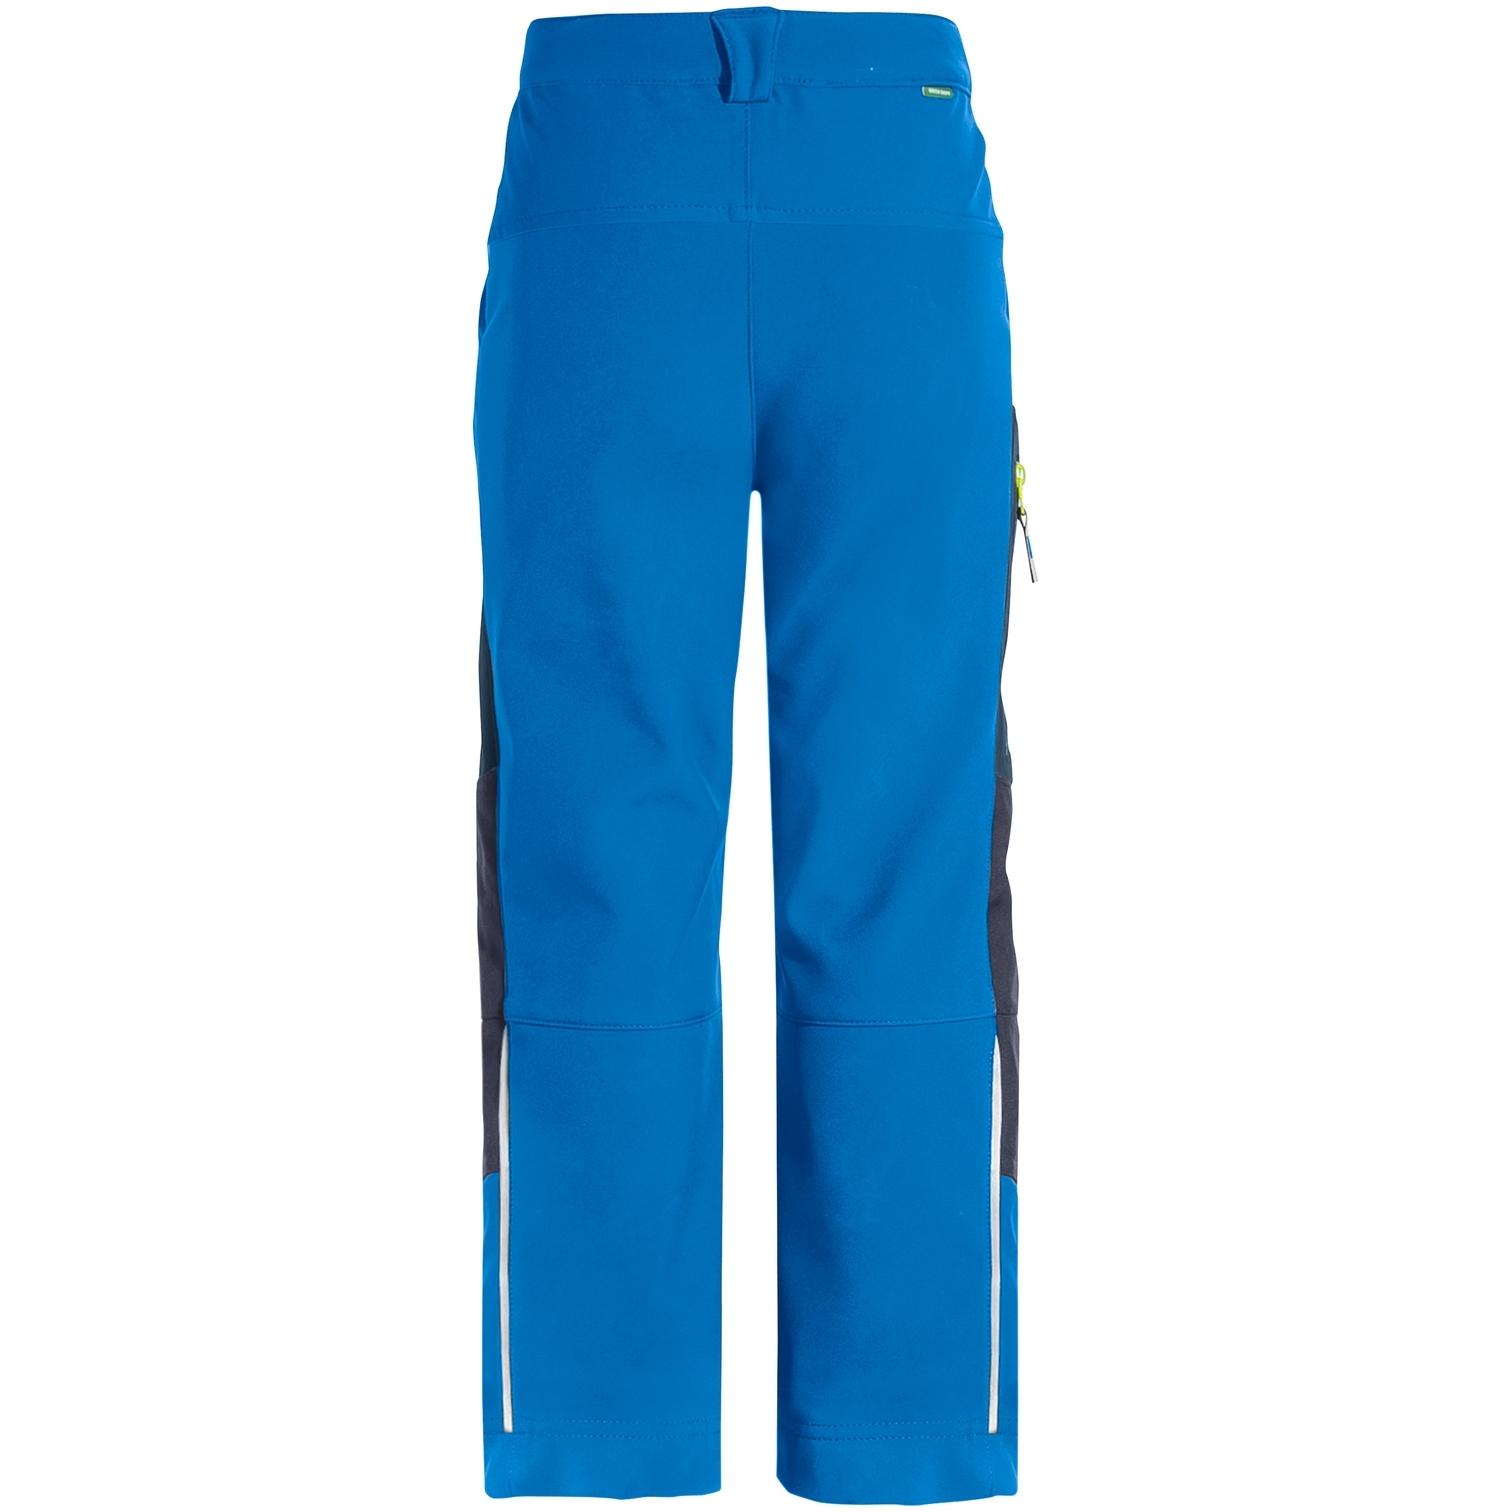 Bild von Vaude Rondane Kinderhose - radiate blue